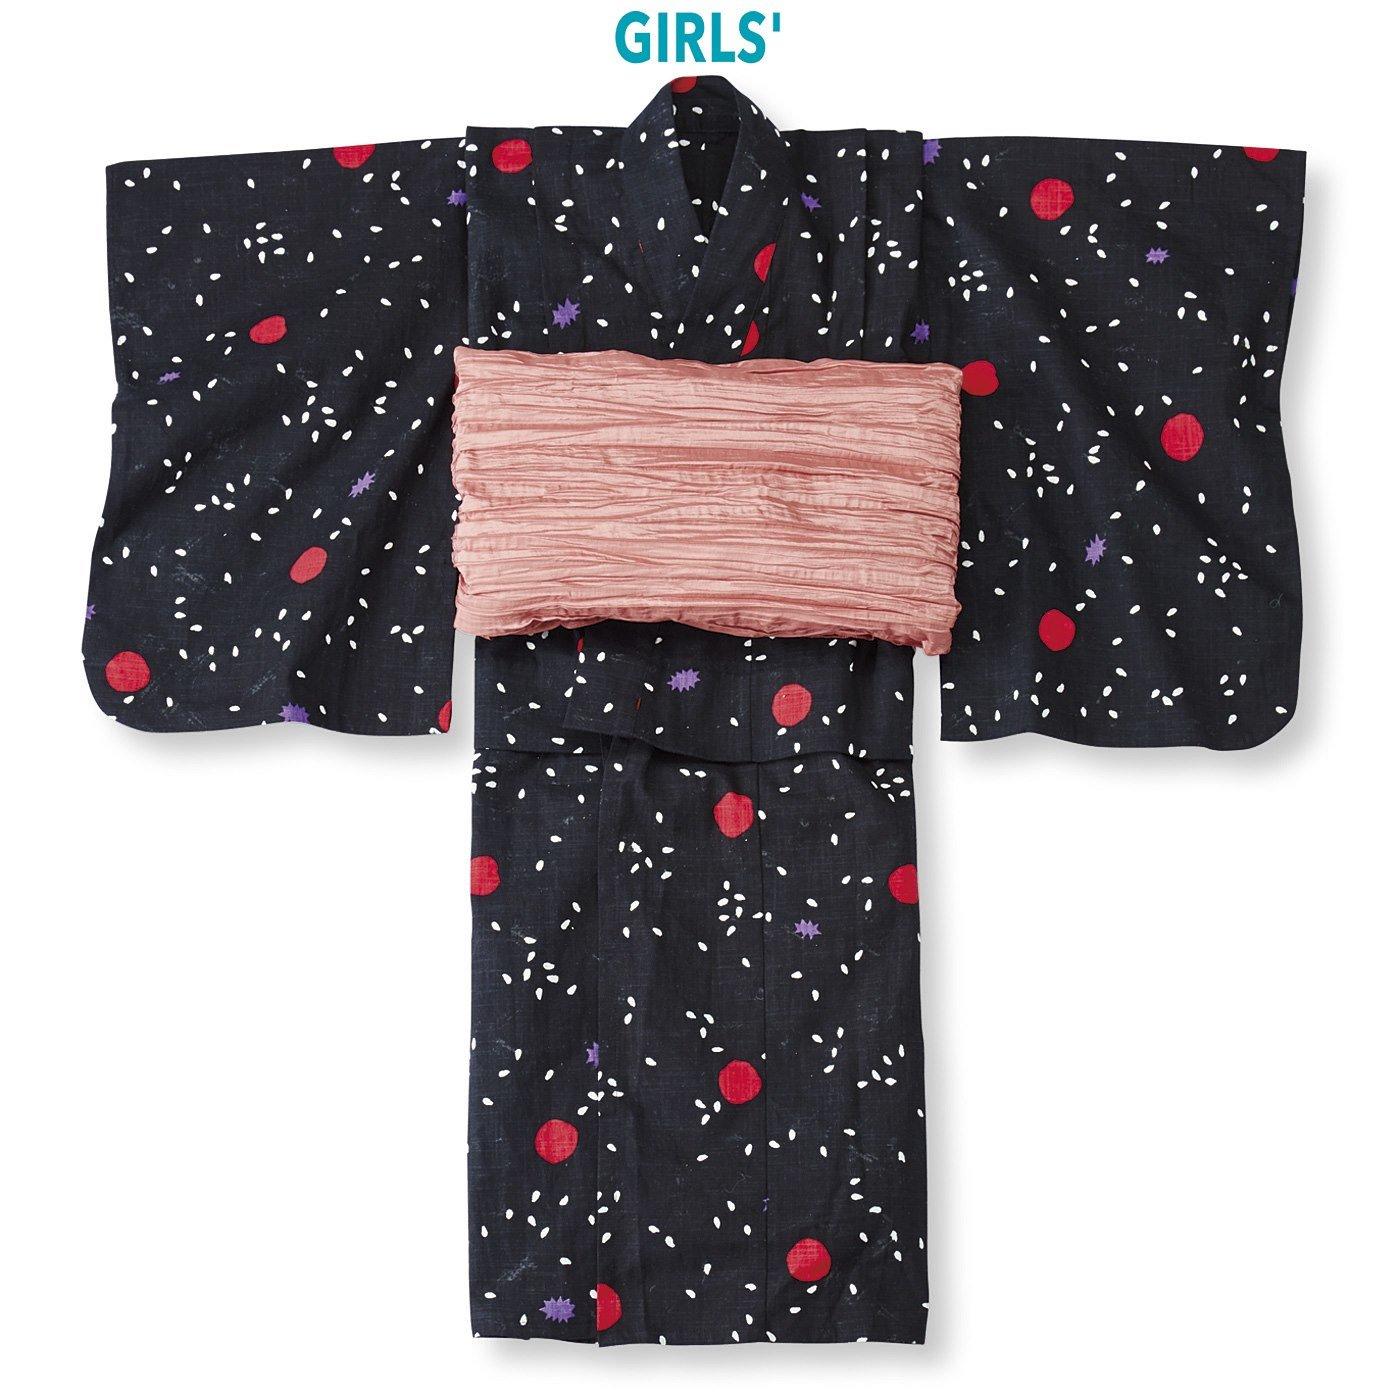 京都Subikiawa食器店さんとつくった 梅干ごはん柄の浴衣